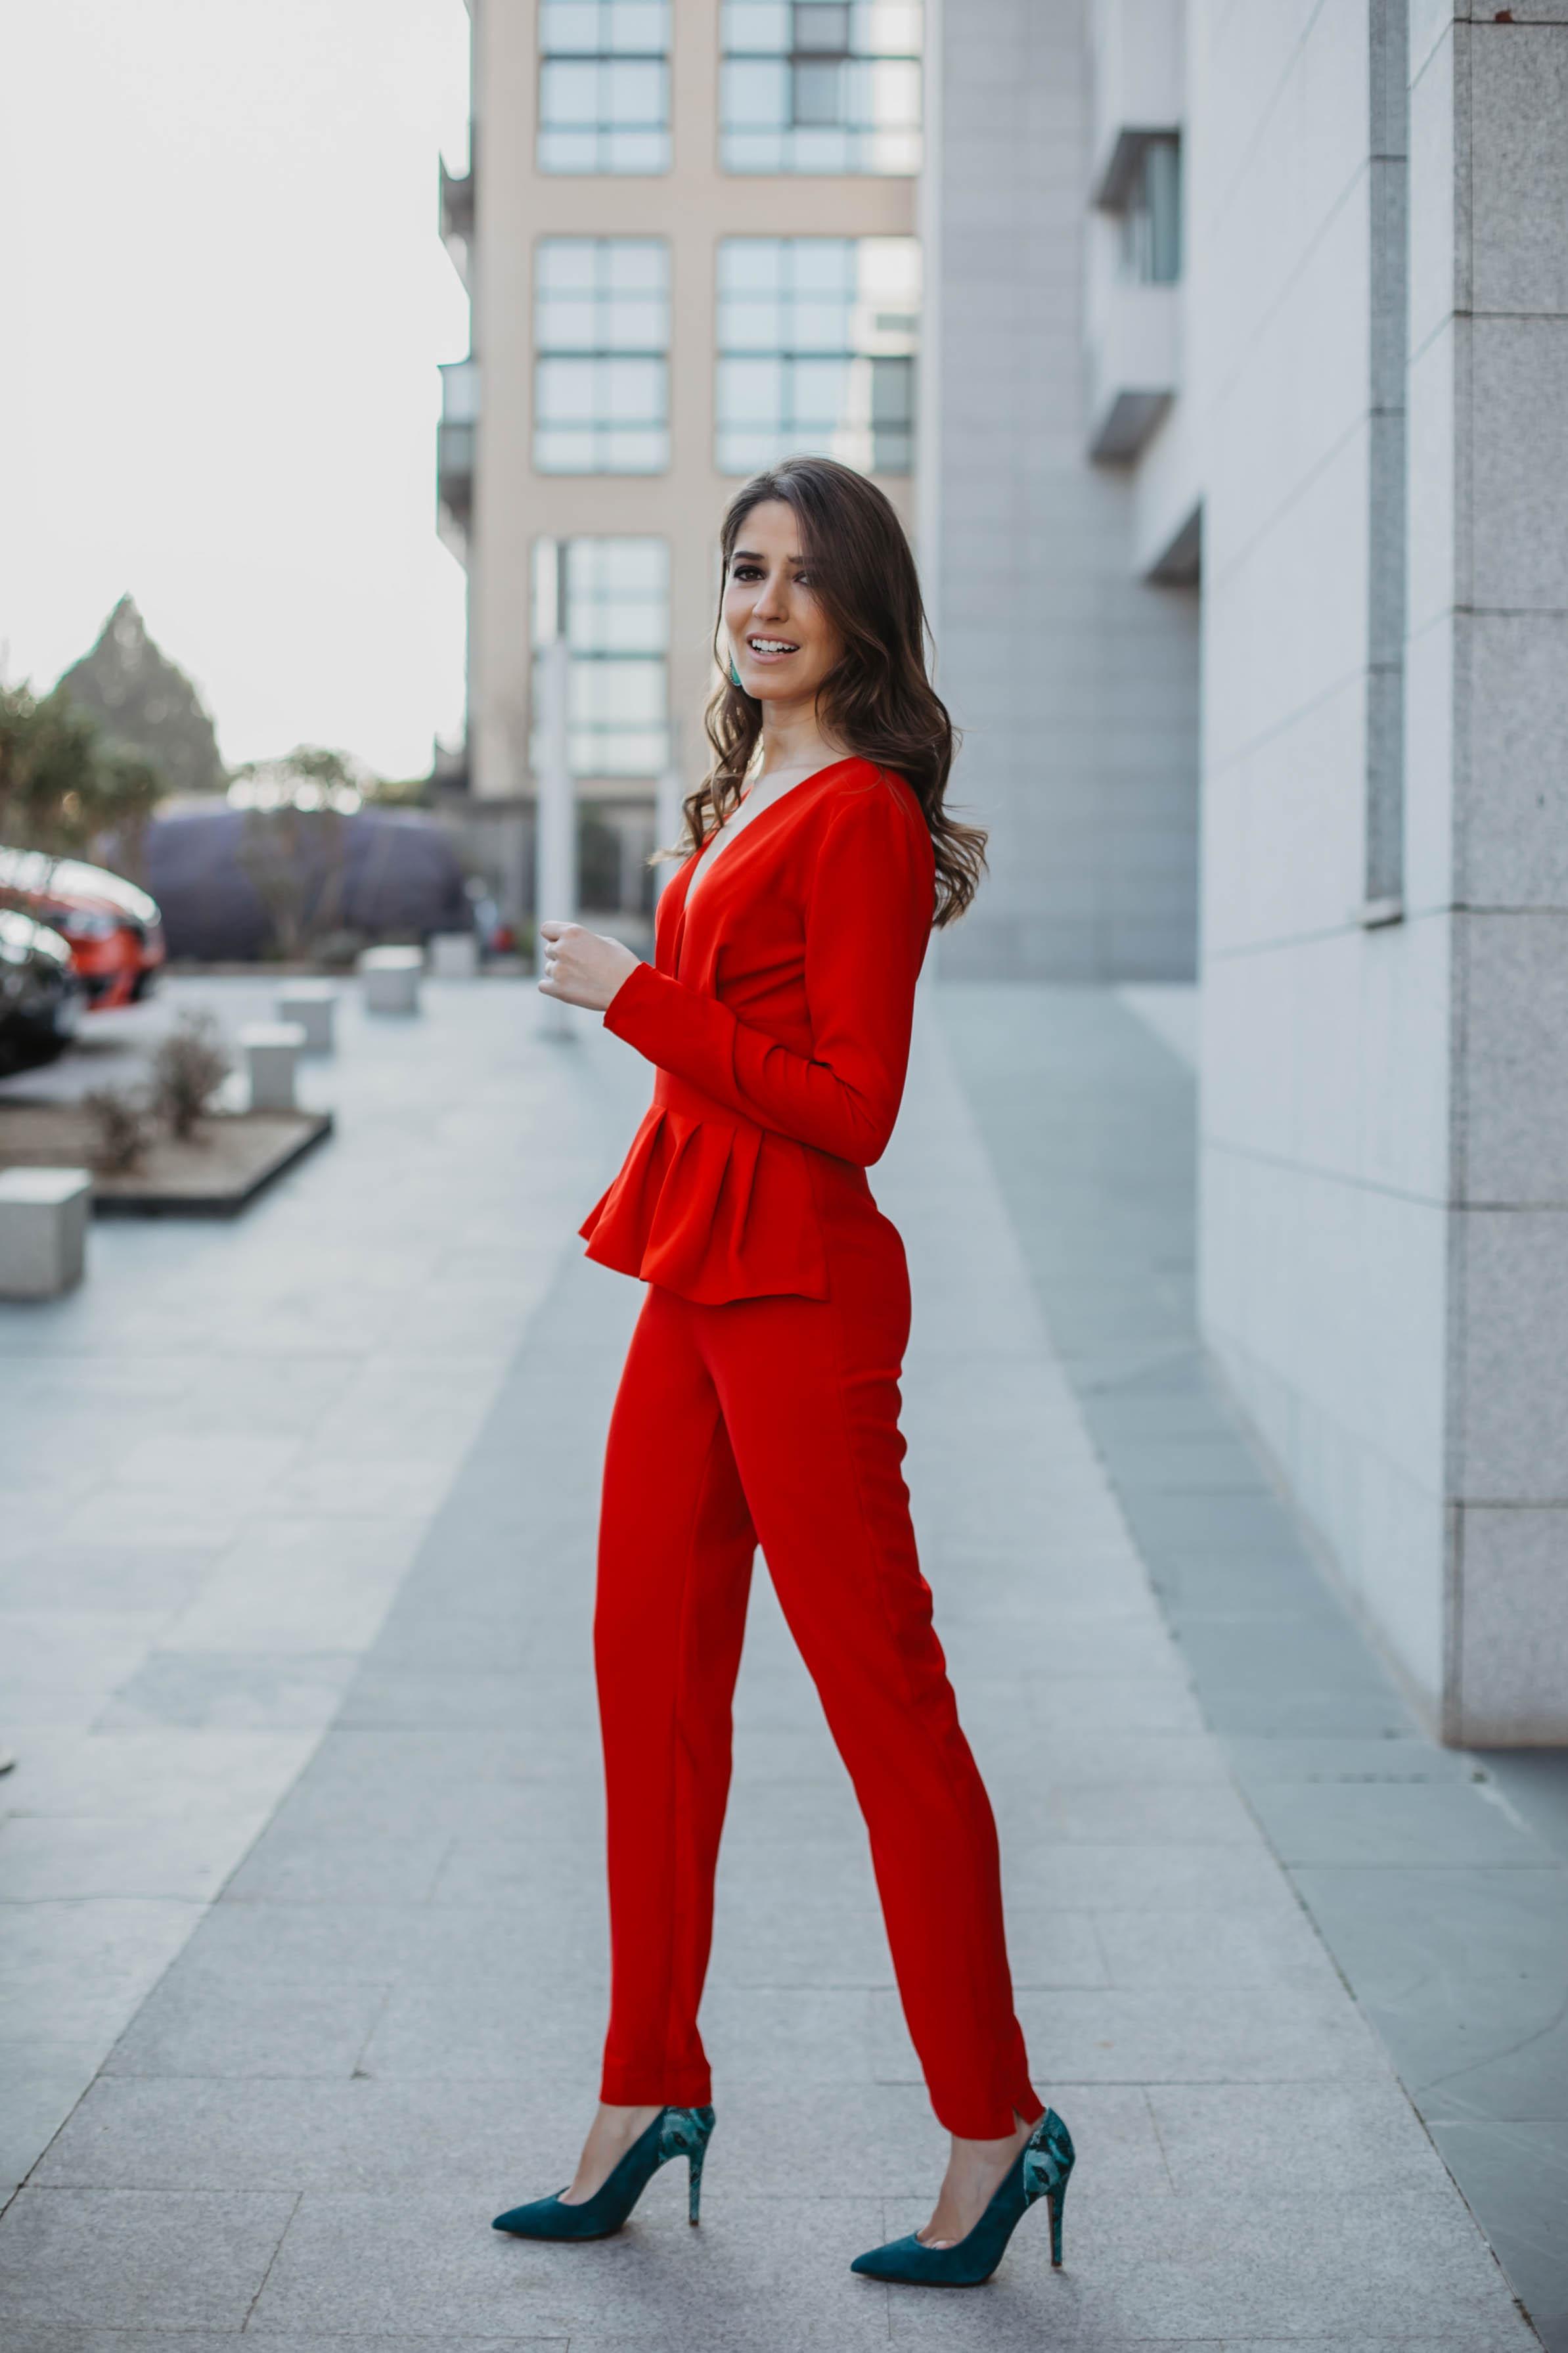 Look invitada 2019 boda bautizo comunion graduacion mono rojo pantalon pitillo pamela